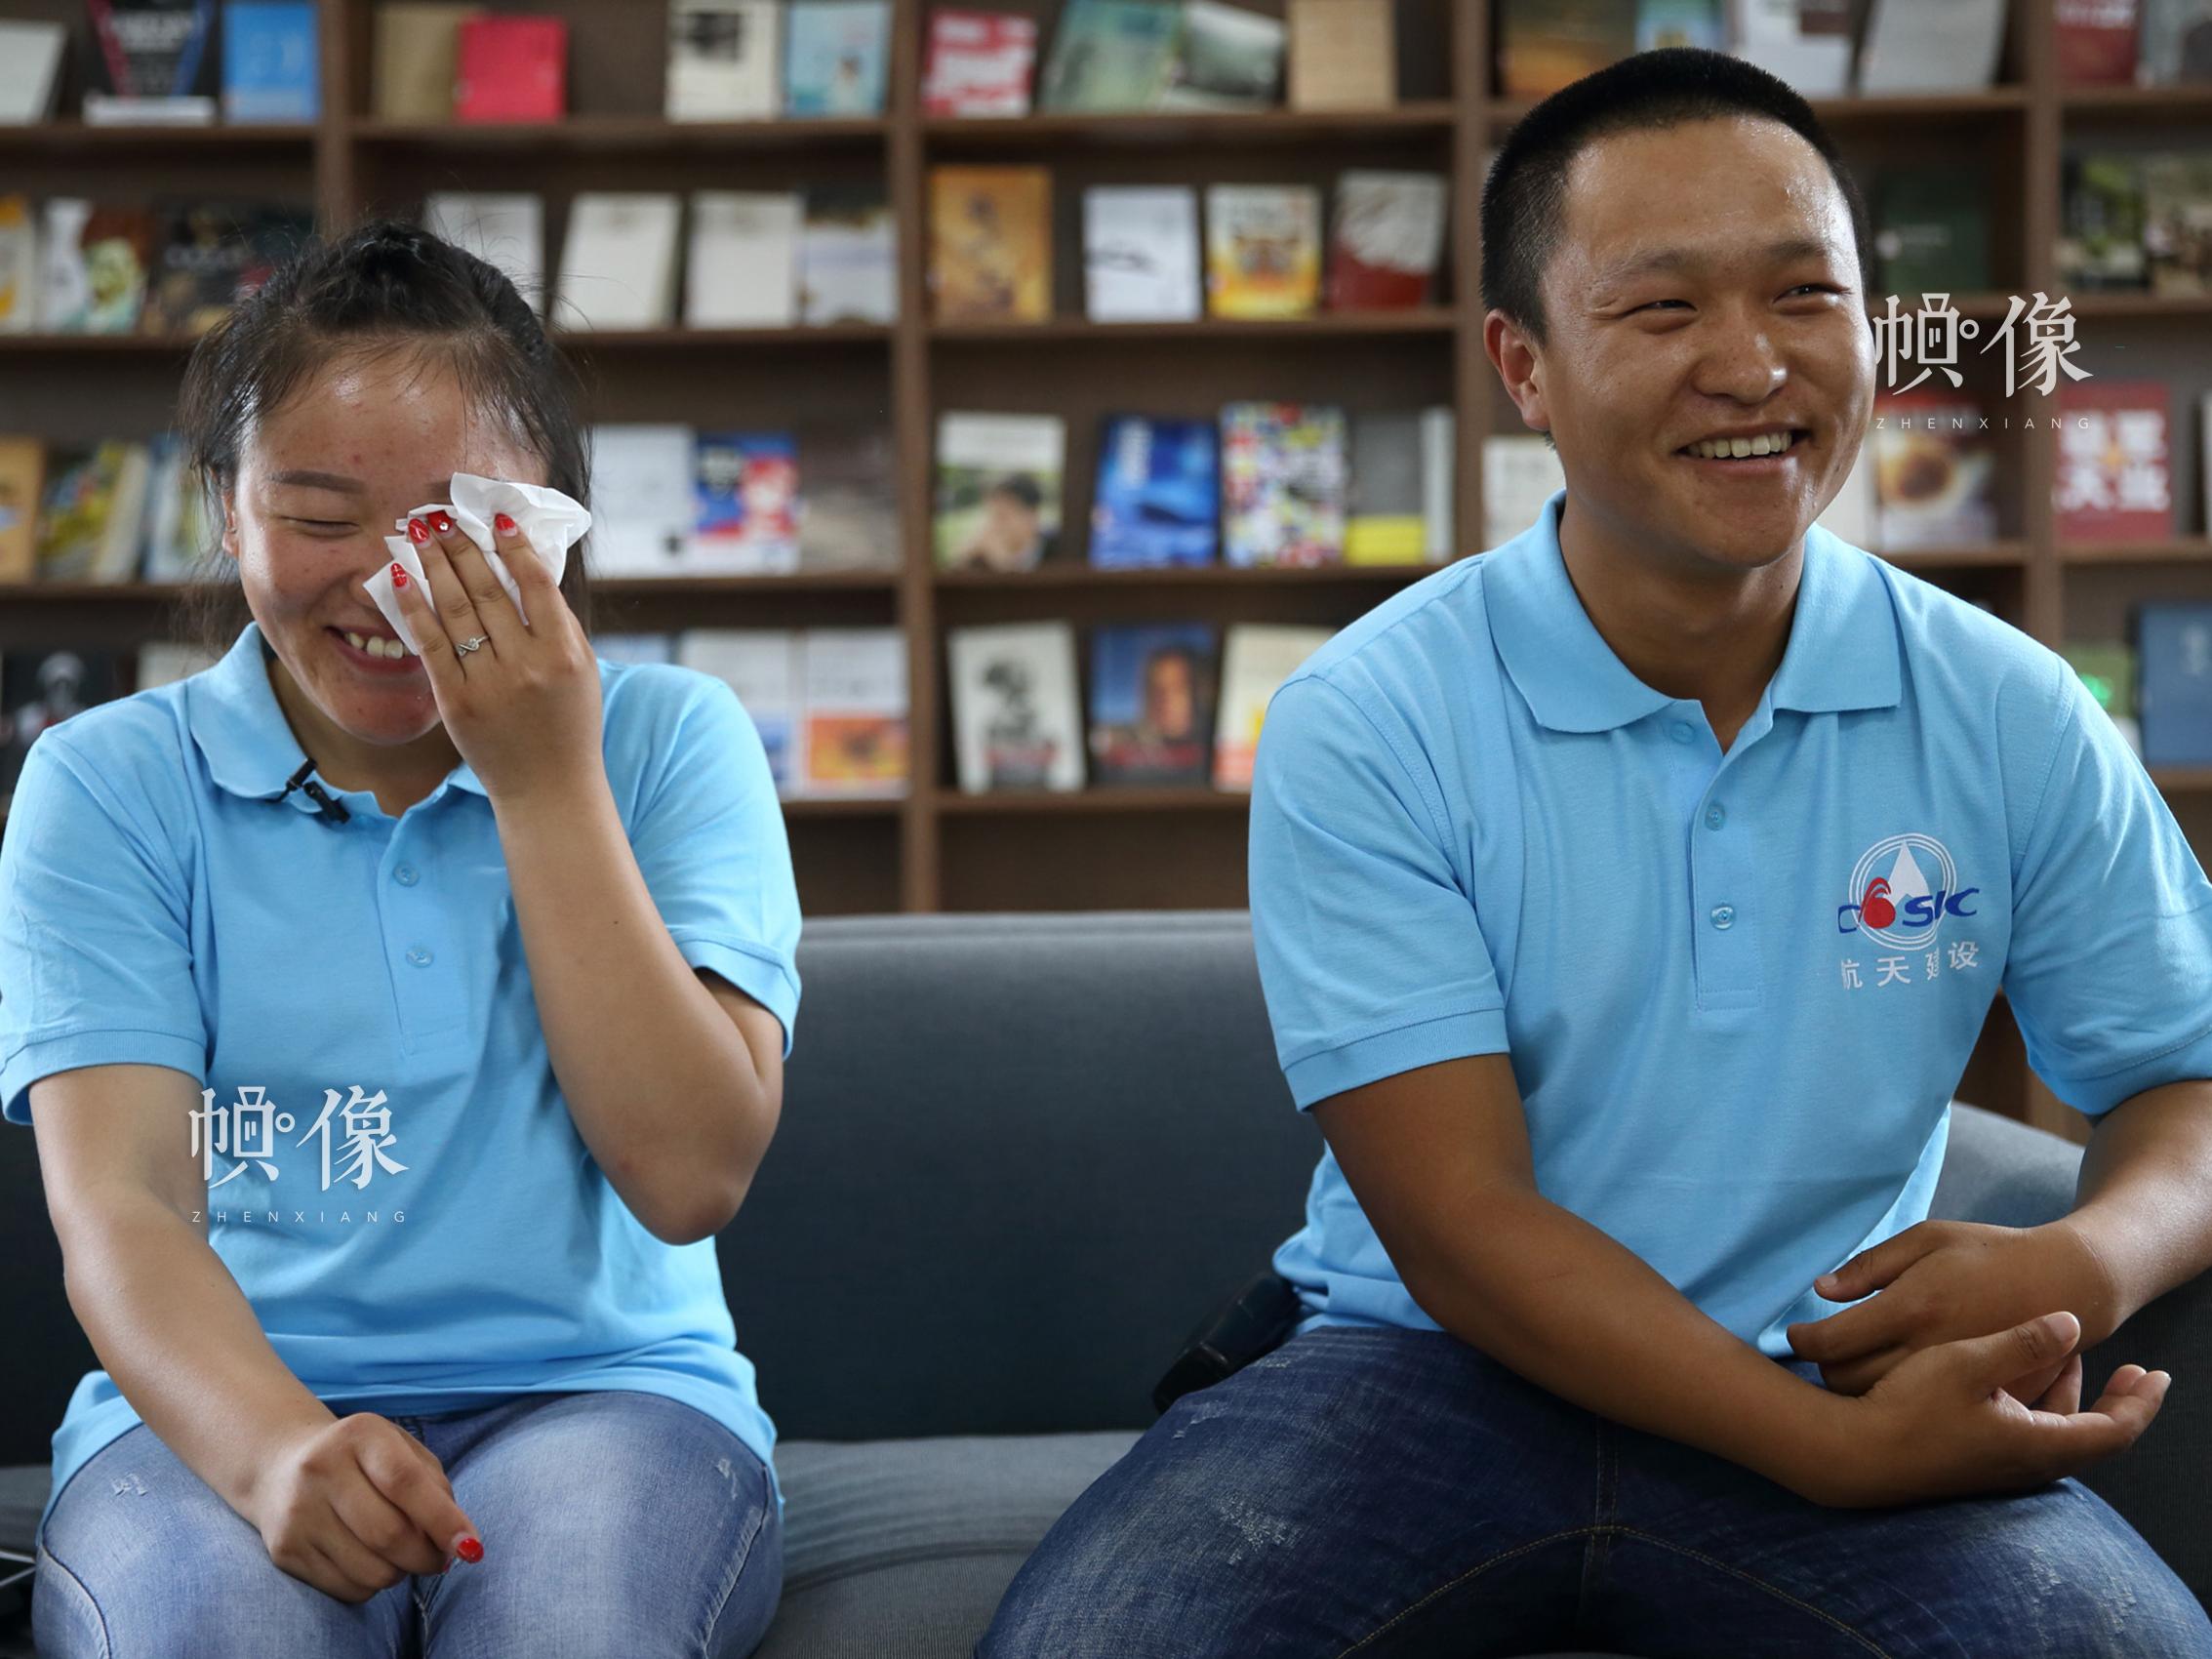 圖為周艷和她的丈夫淩徵金在接受採訪,講述現在生活的幸福片段。中國網記者 陳維松 攝